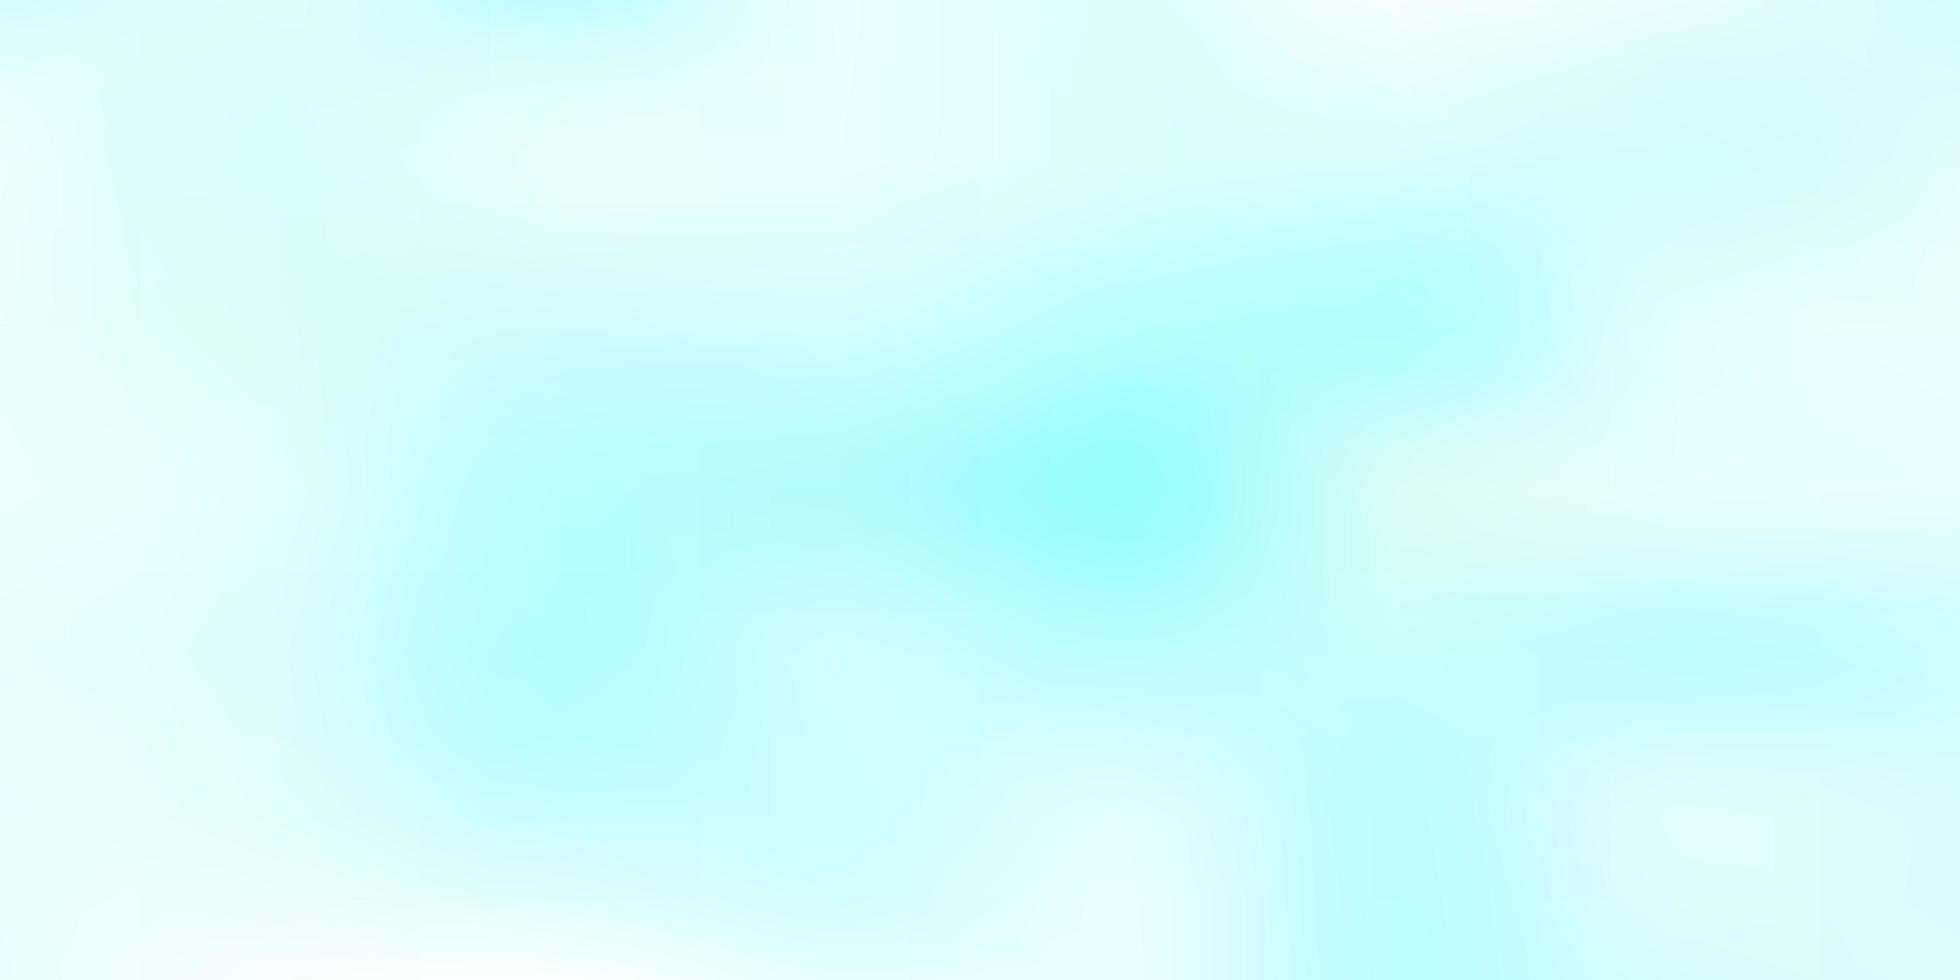 diseño borroso vector azul claro.